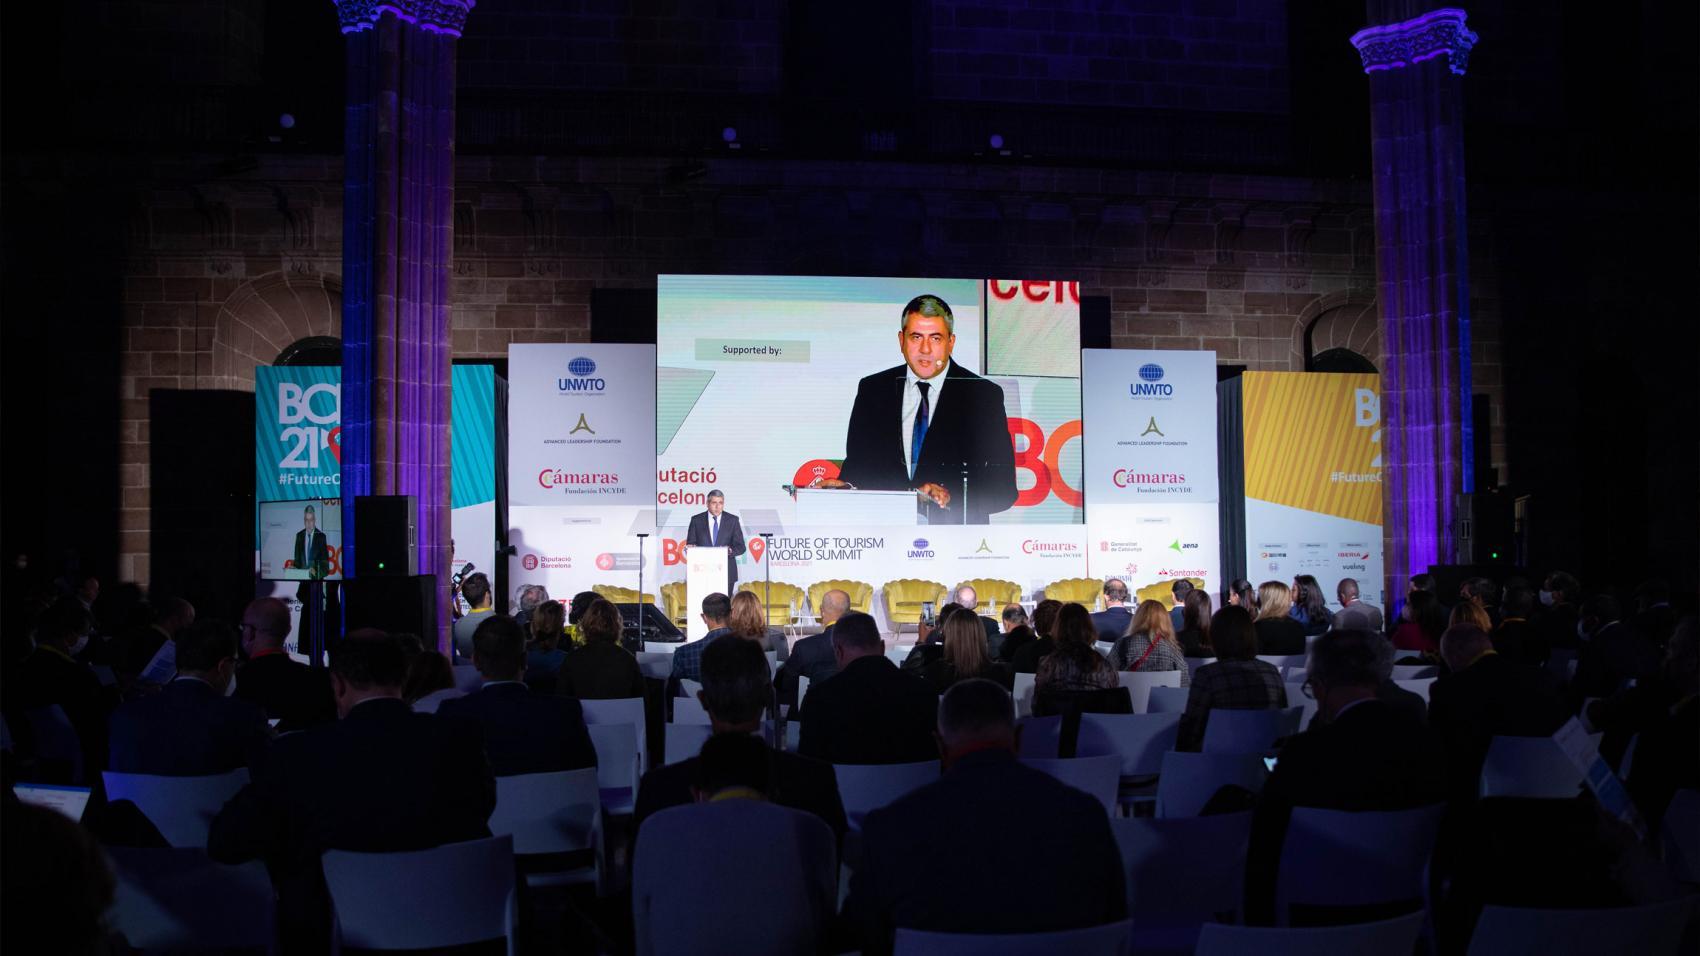 El futuro sostenible del turismo protagoniza la Cumbre de Barcelona